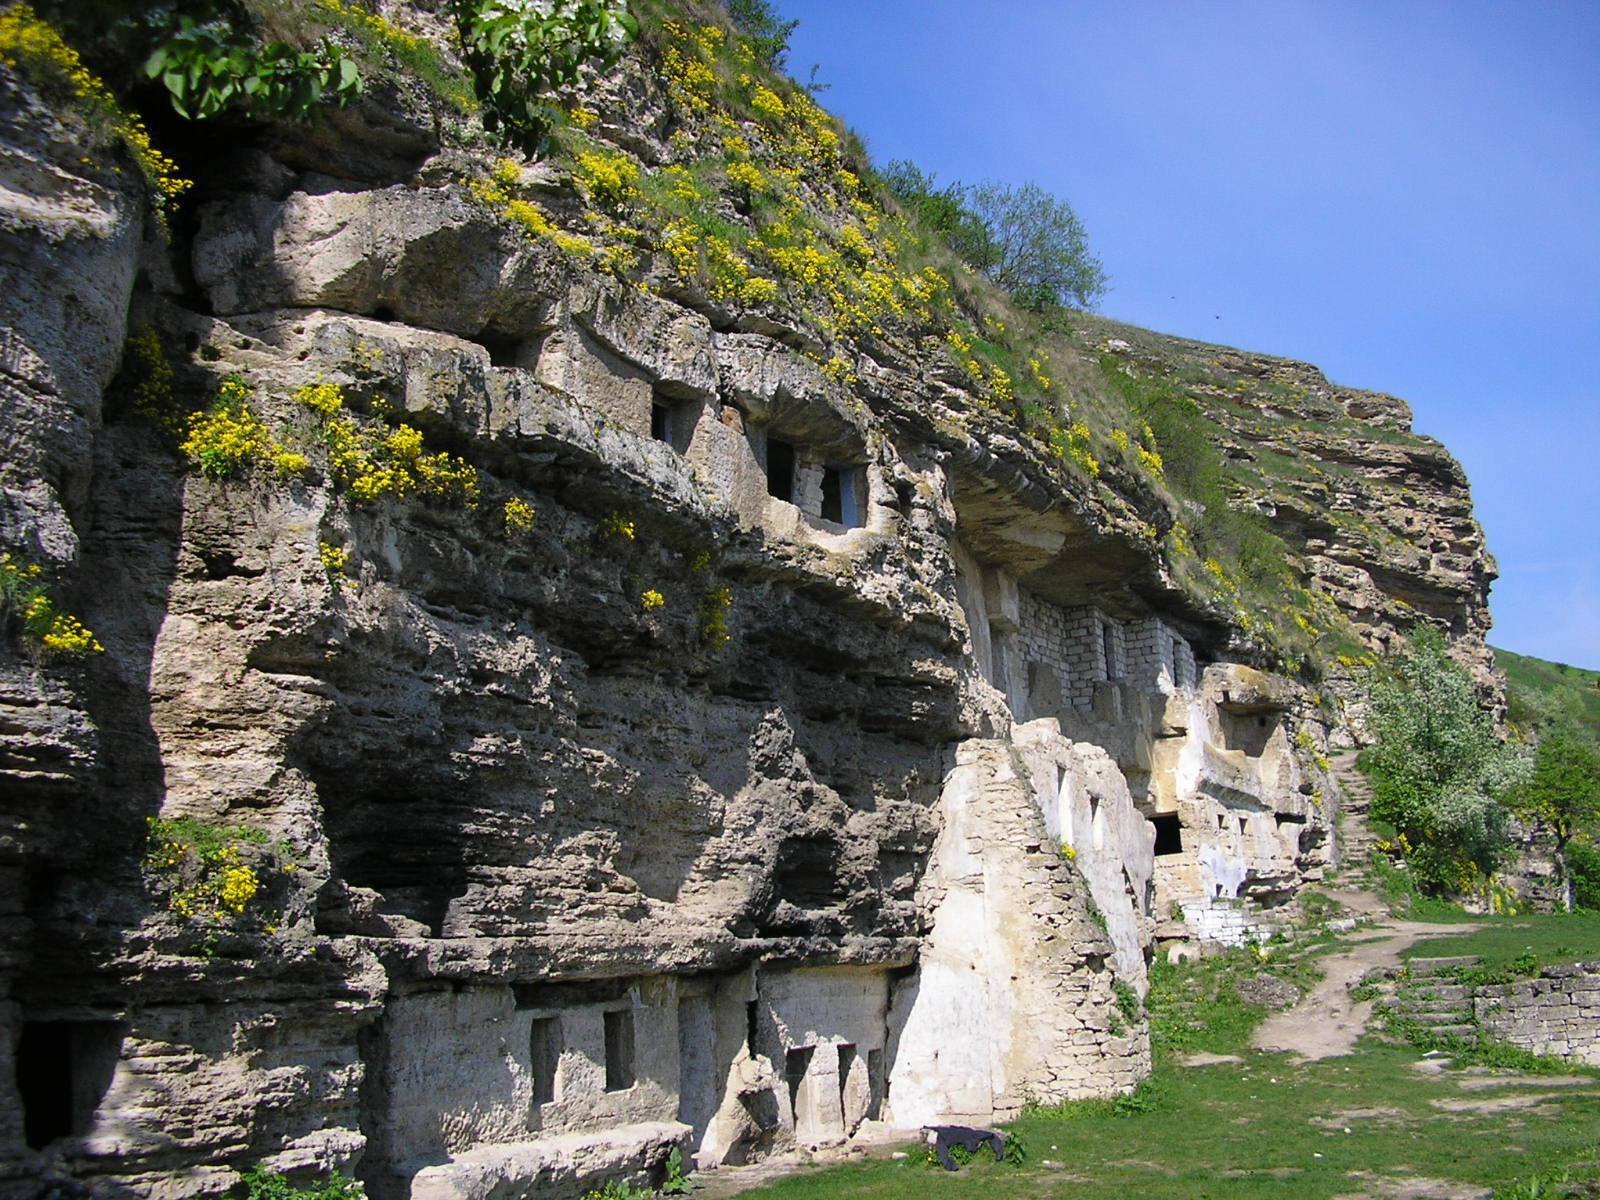 Mănăstirea din stâncă. orheiul Vechi. PC: muz-tracker.net